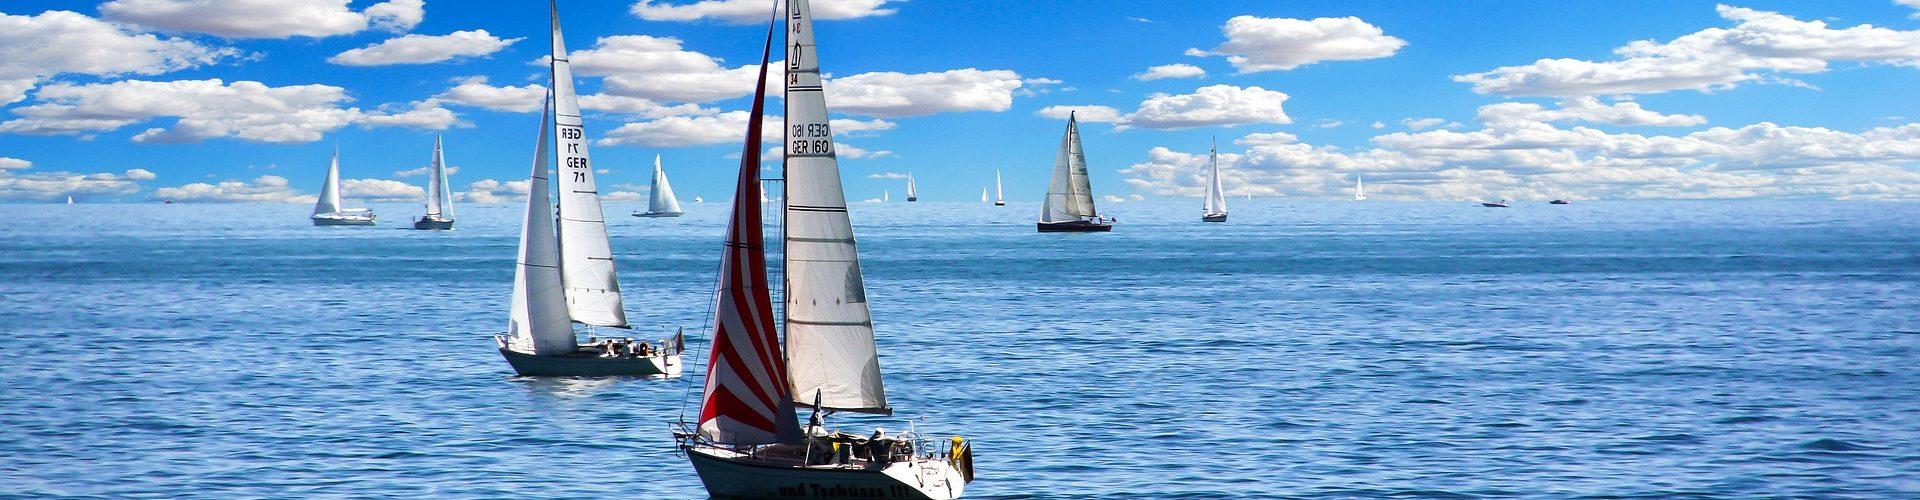 segeln lernen in Wirdum segelschein machen in Wirdum 1920x500 - Segeln lernen in Wirdum